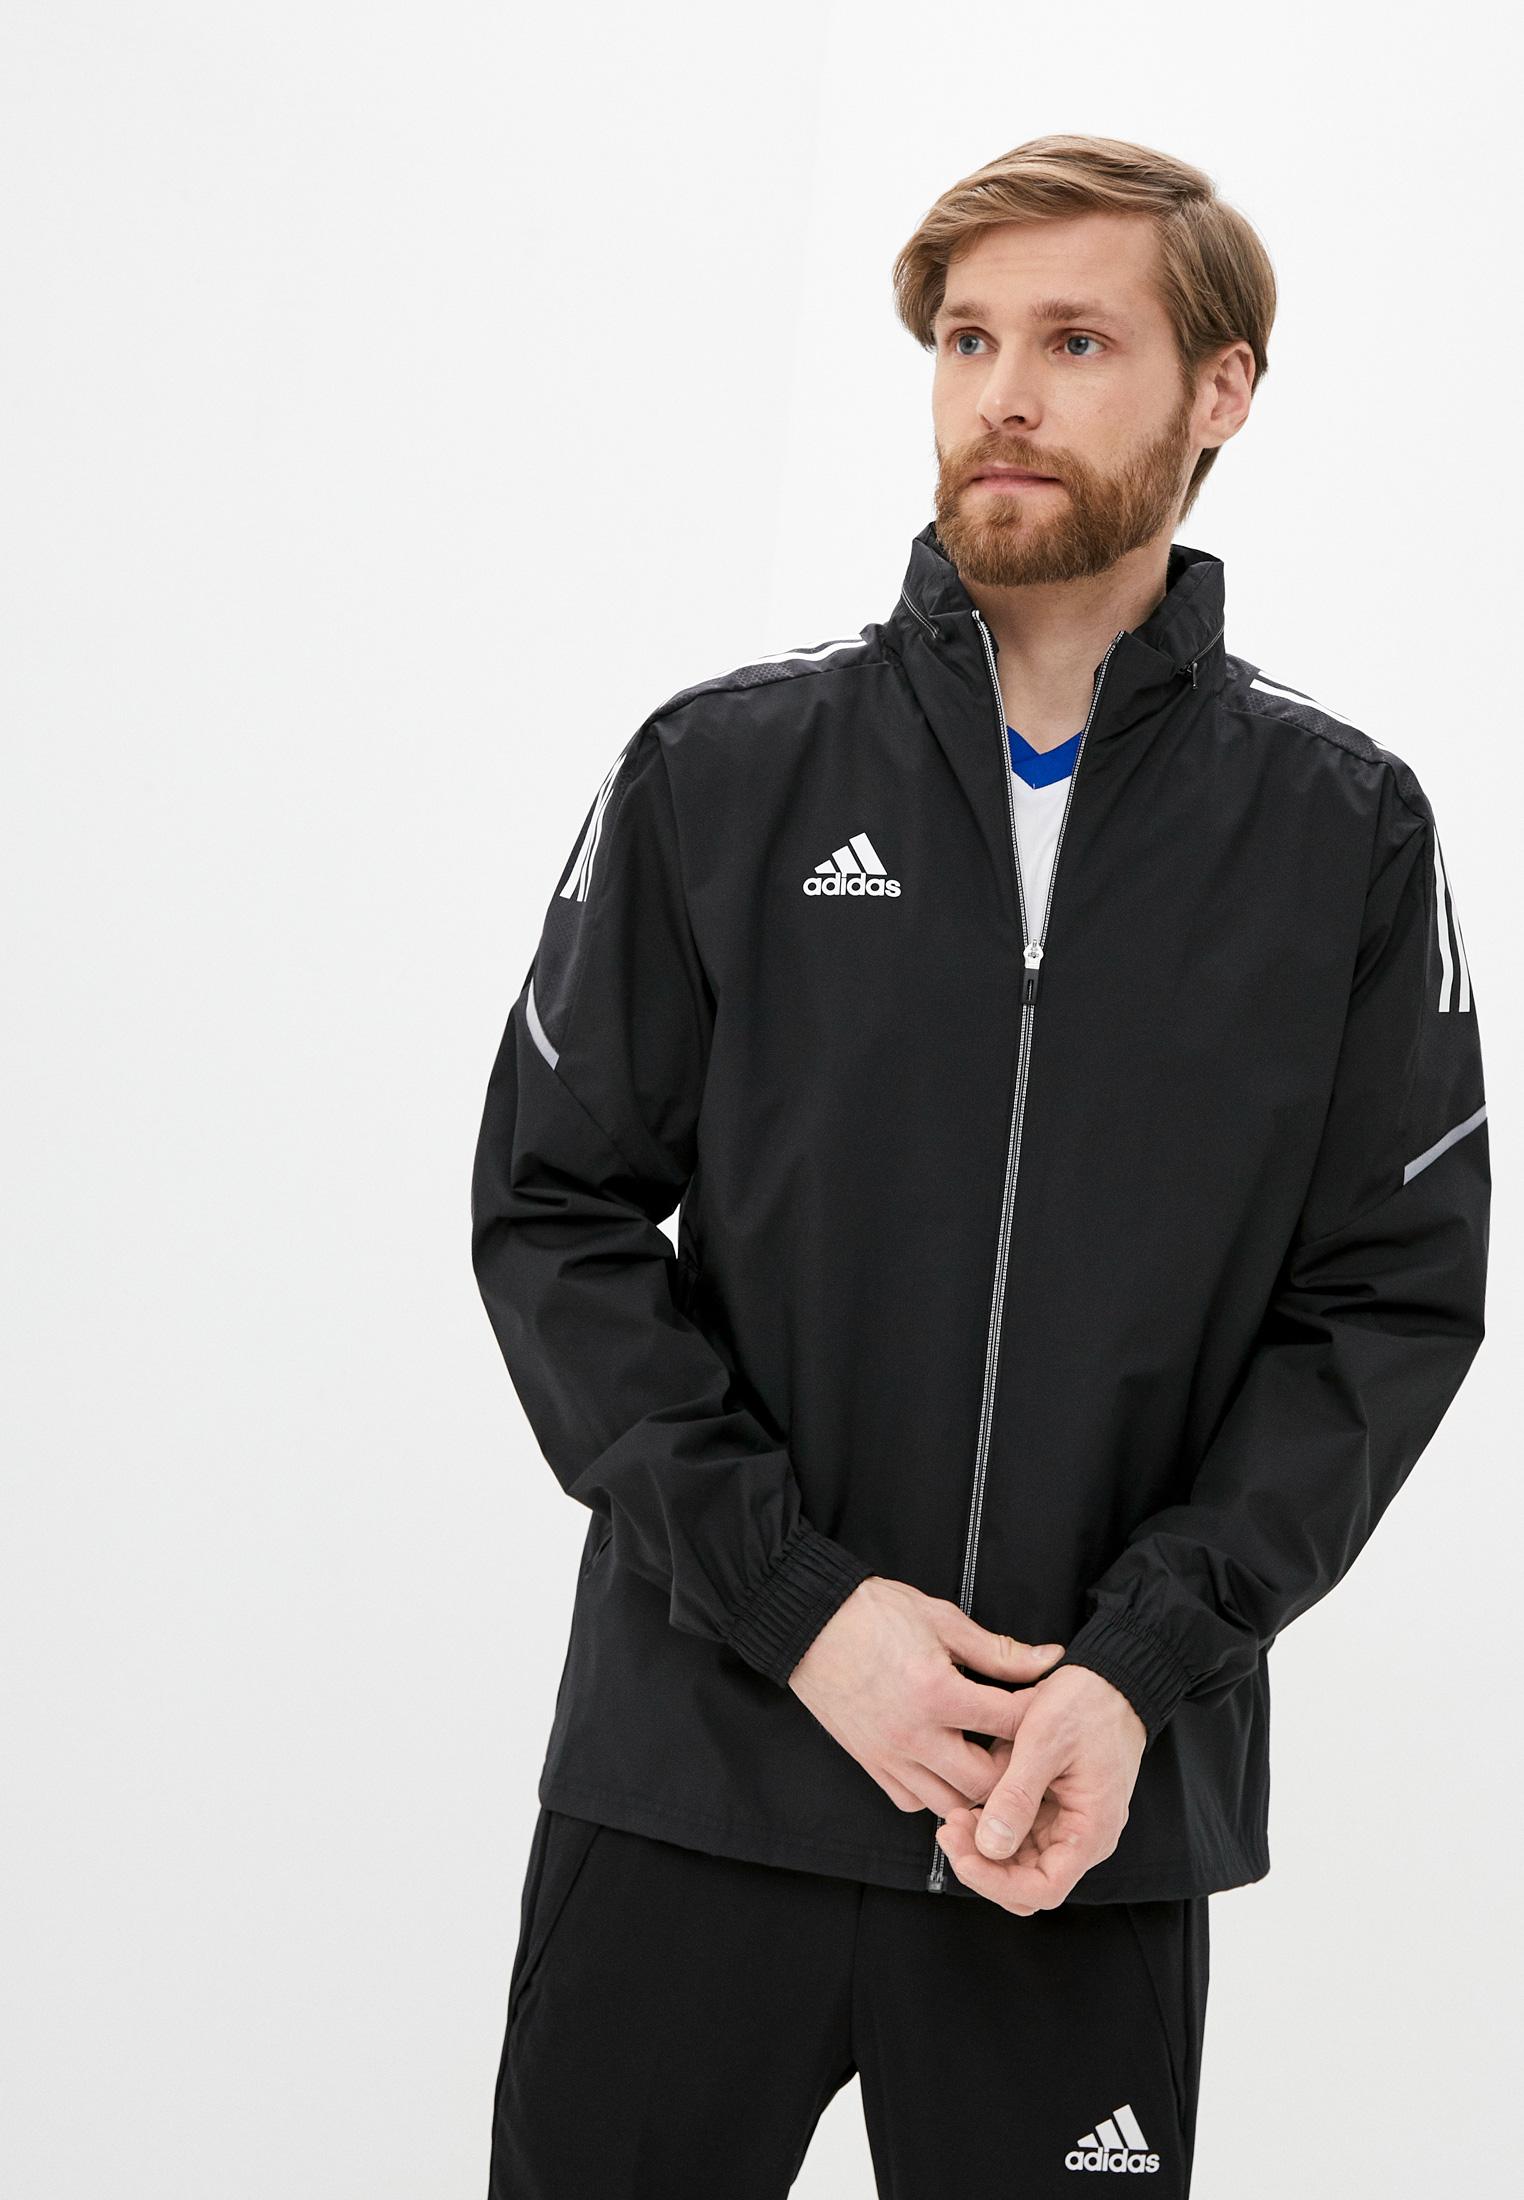 Мужская верхняя одежда Adidas (Адидас) Ветровка adidas